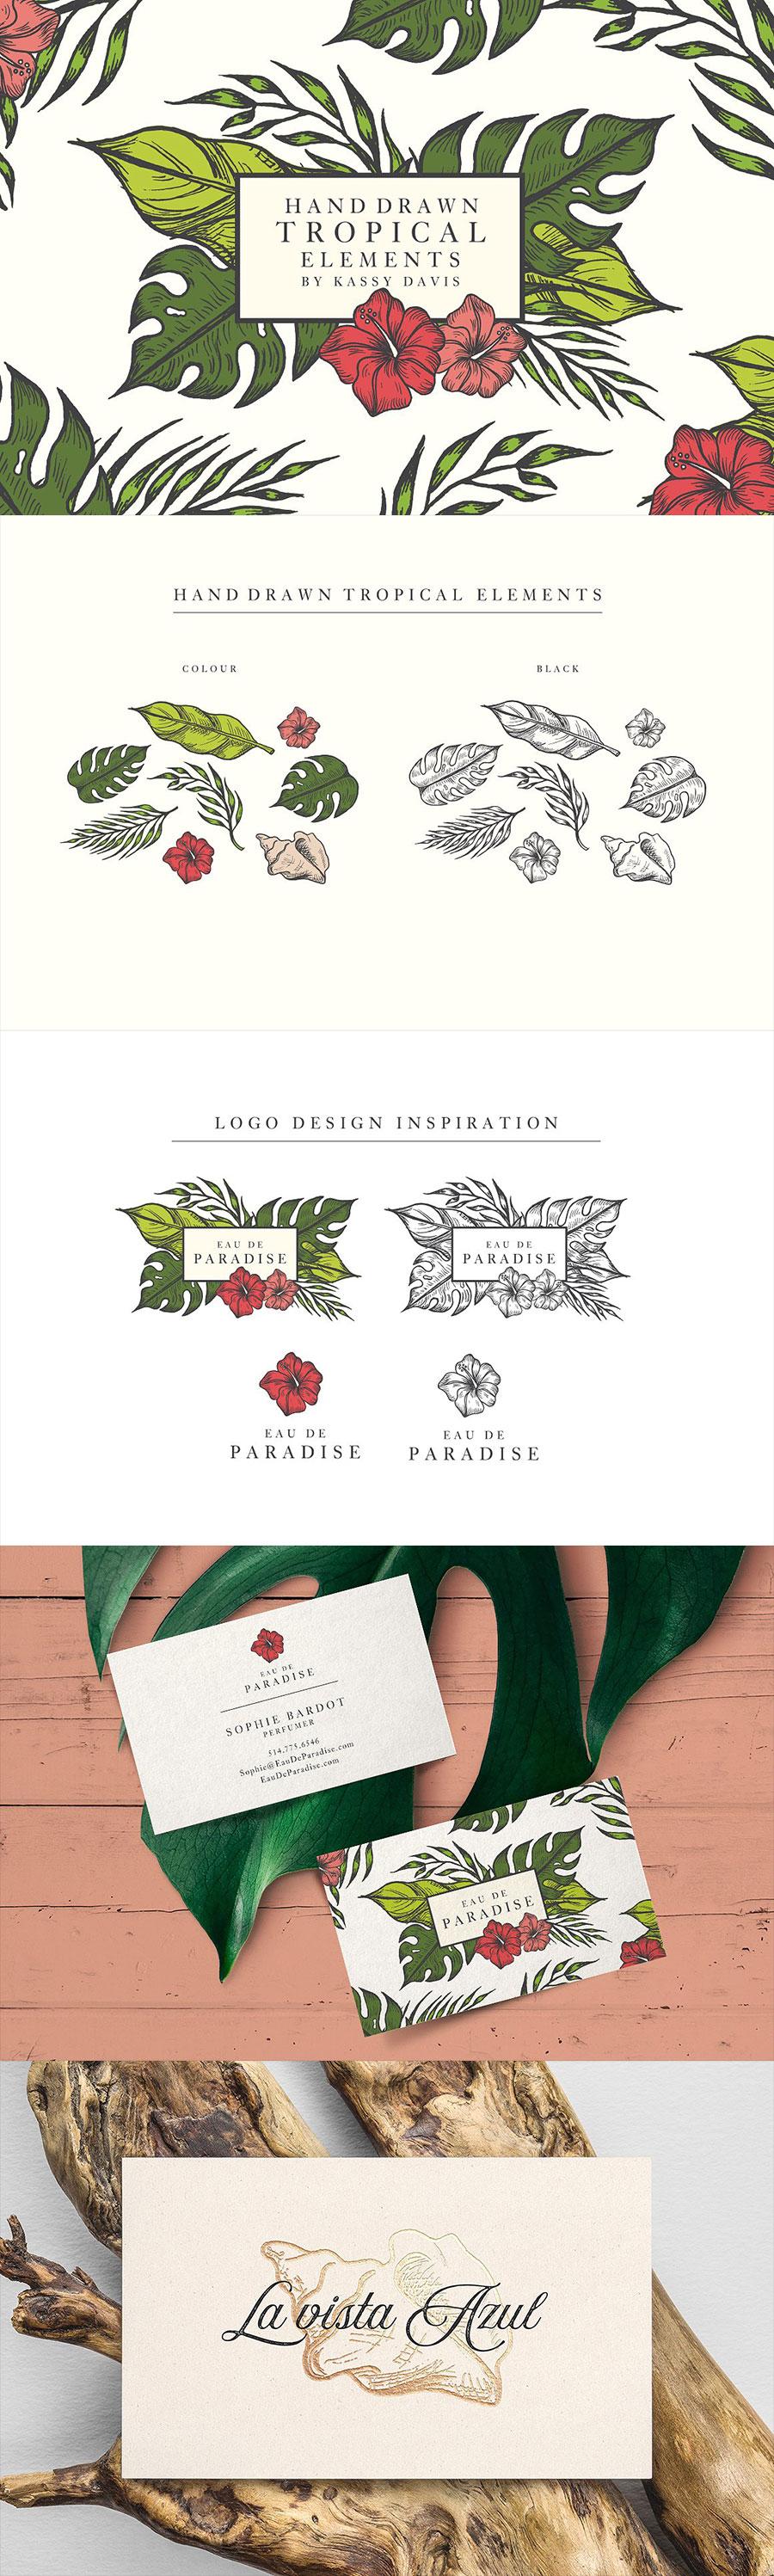 夏季手绘绿色树叶植物矢量素材下载[EPS]设计素材模板